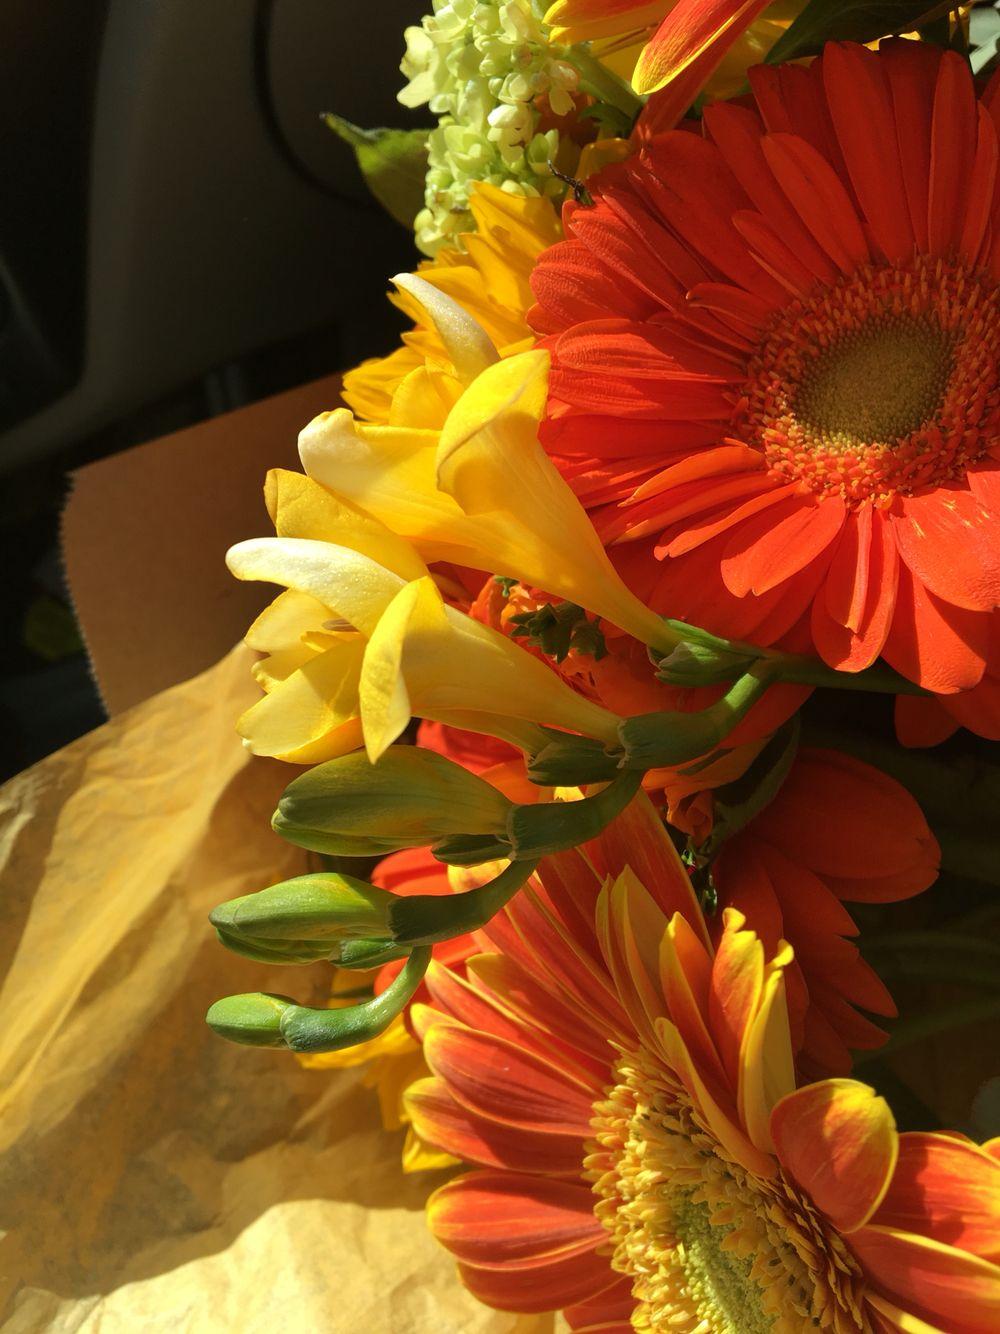 Yellow jingle bell flowers Flowers, Jingle bells, Jingle